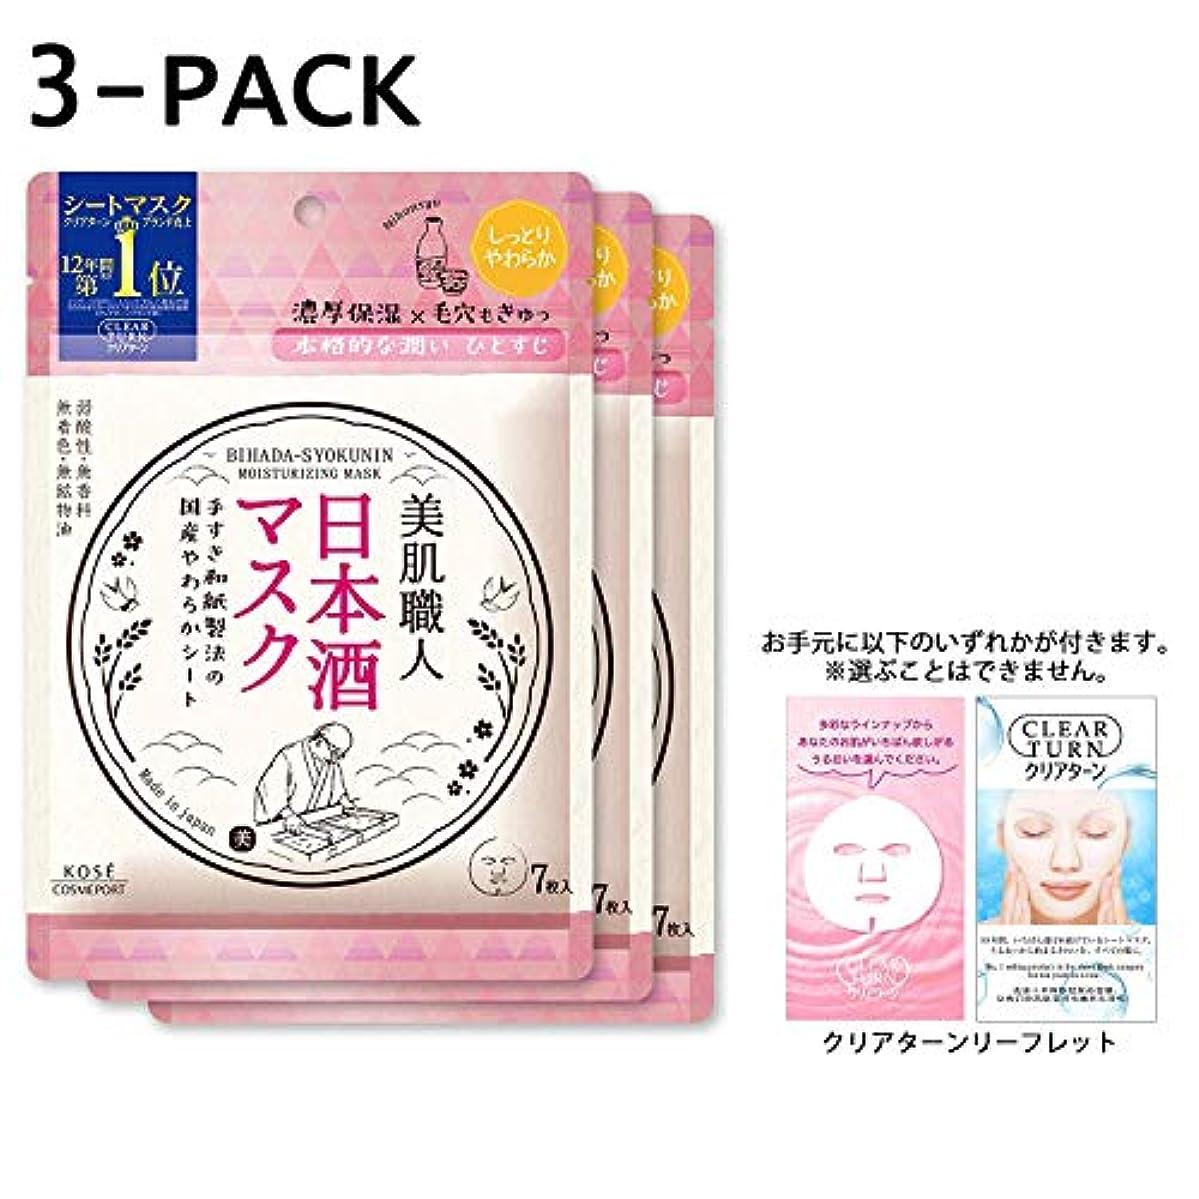 実施する安心それに応じて【Amazon.co.jp限定】KOSE クリアターン 美肌職人 日本酒 マスク 7枚 3パック リーフレット付 フェイスマスク